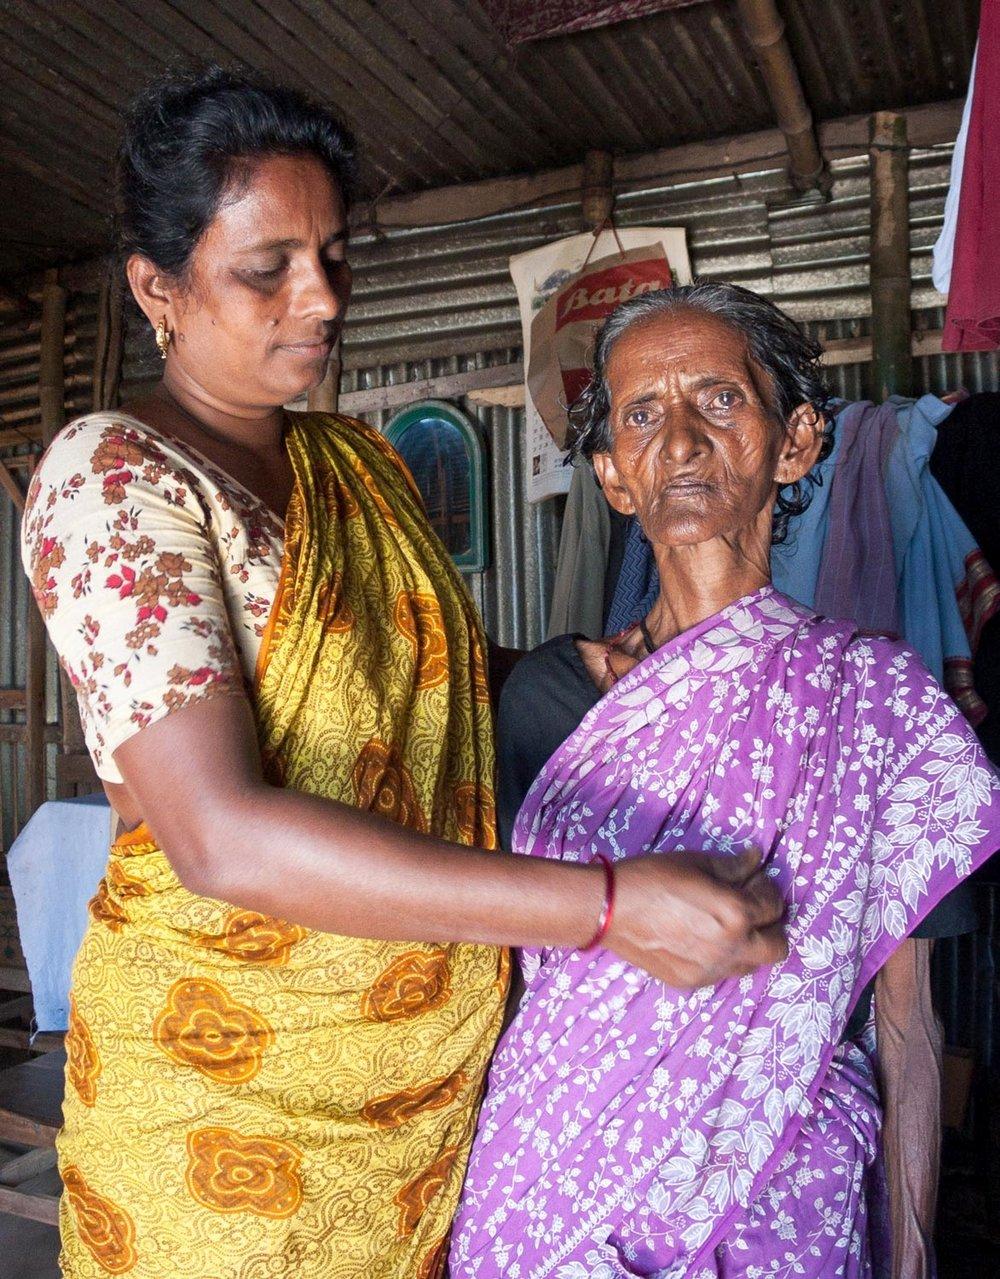 bangladesh-old-woman-daughter.jpg